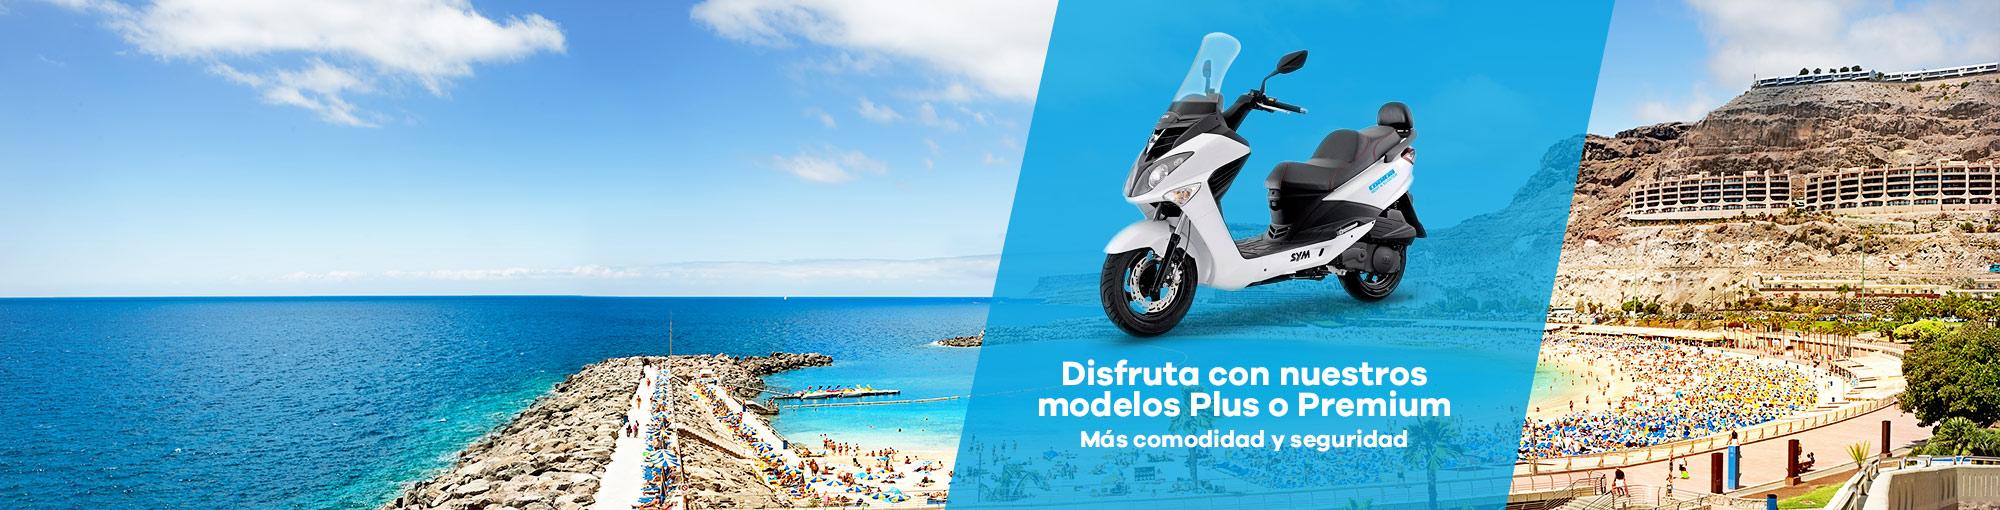 alquiler de motos plus premium